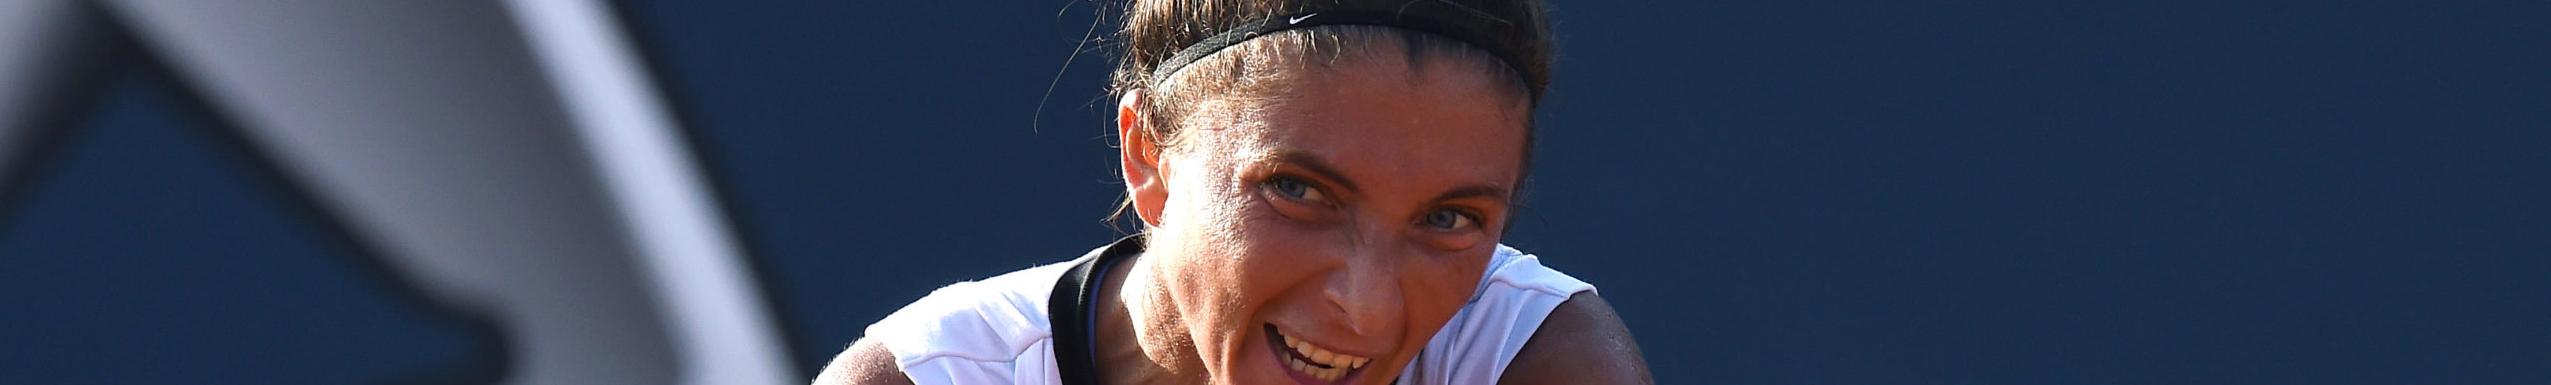 Pronostici WTA Palermo: tocca a Errani e Cocciaretto